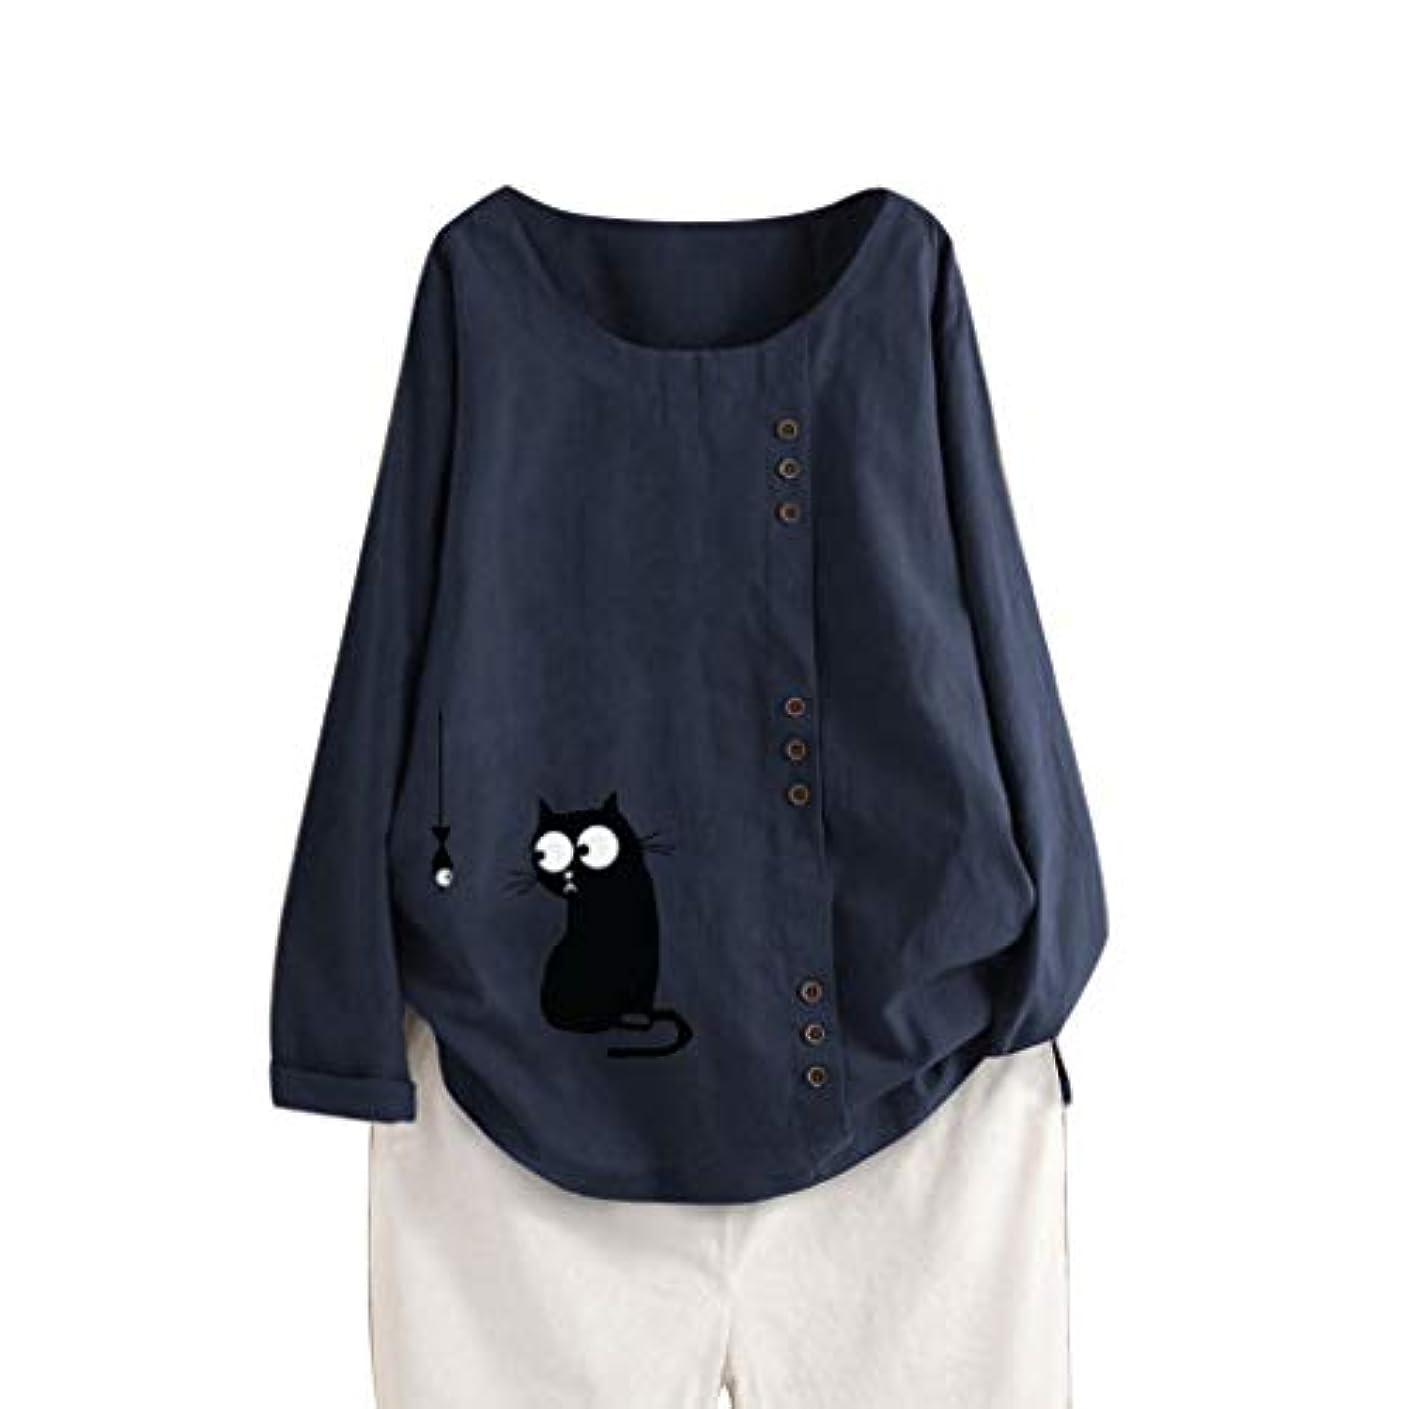 効能あるマイル葡萄Aguleaph レディース Tシャツ おおきいサイズ 長袖 コットンとリネン 花柄 トップス 学生 洋服 お出かけ ワイシャツ 流行り ブラウス 快適な 軽い 柔らかい かっこいい カジュアル シンプル オシャレ 春夏秋